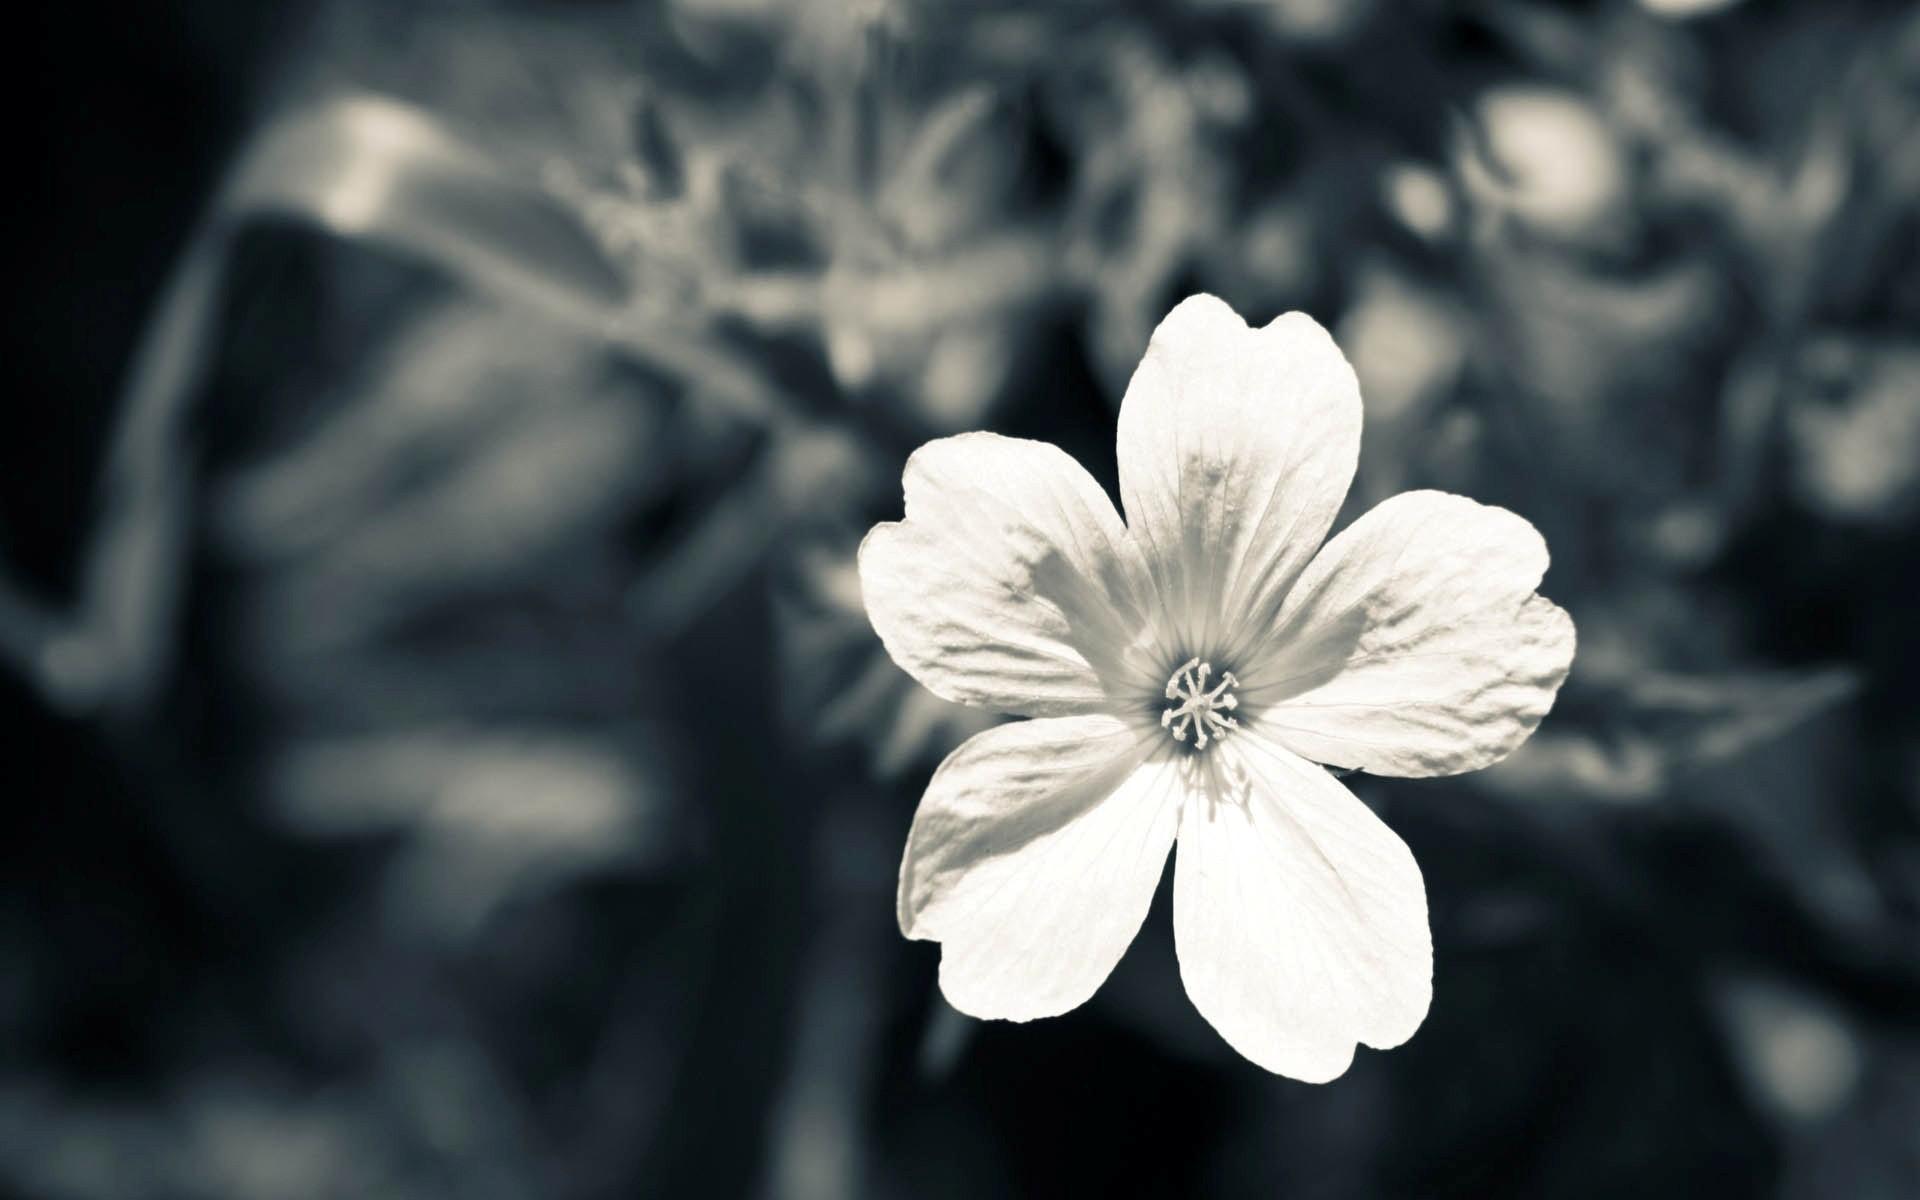 Black and White Flower Wallpaper Backgrounds for Desktop Flowers